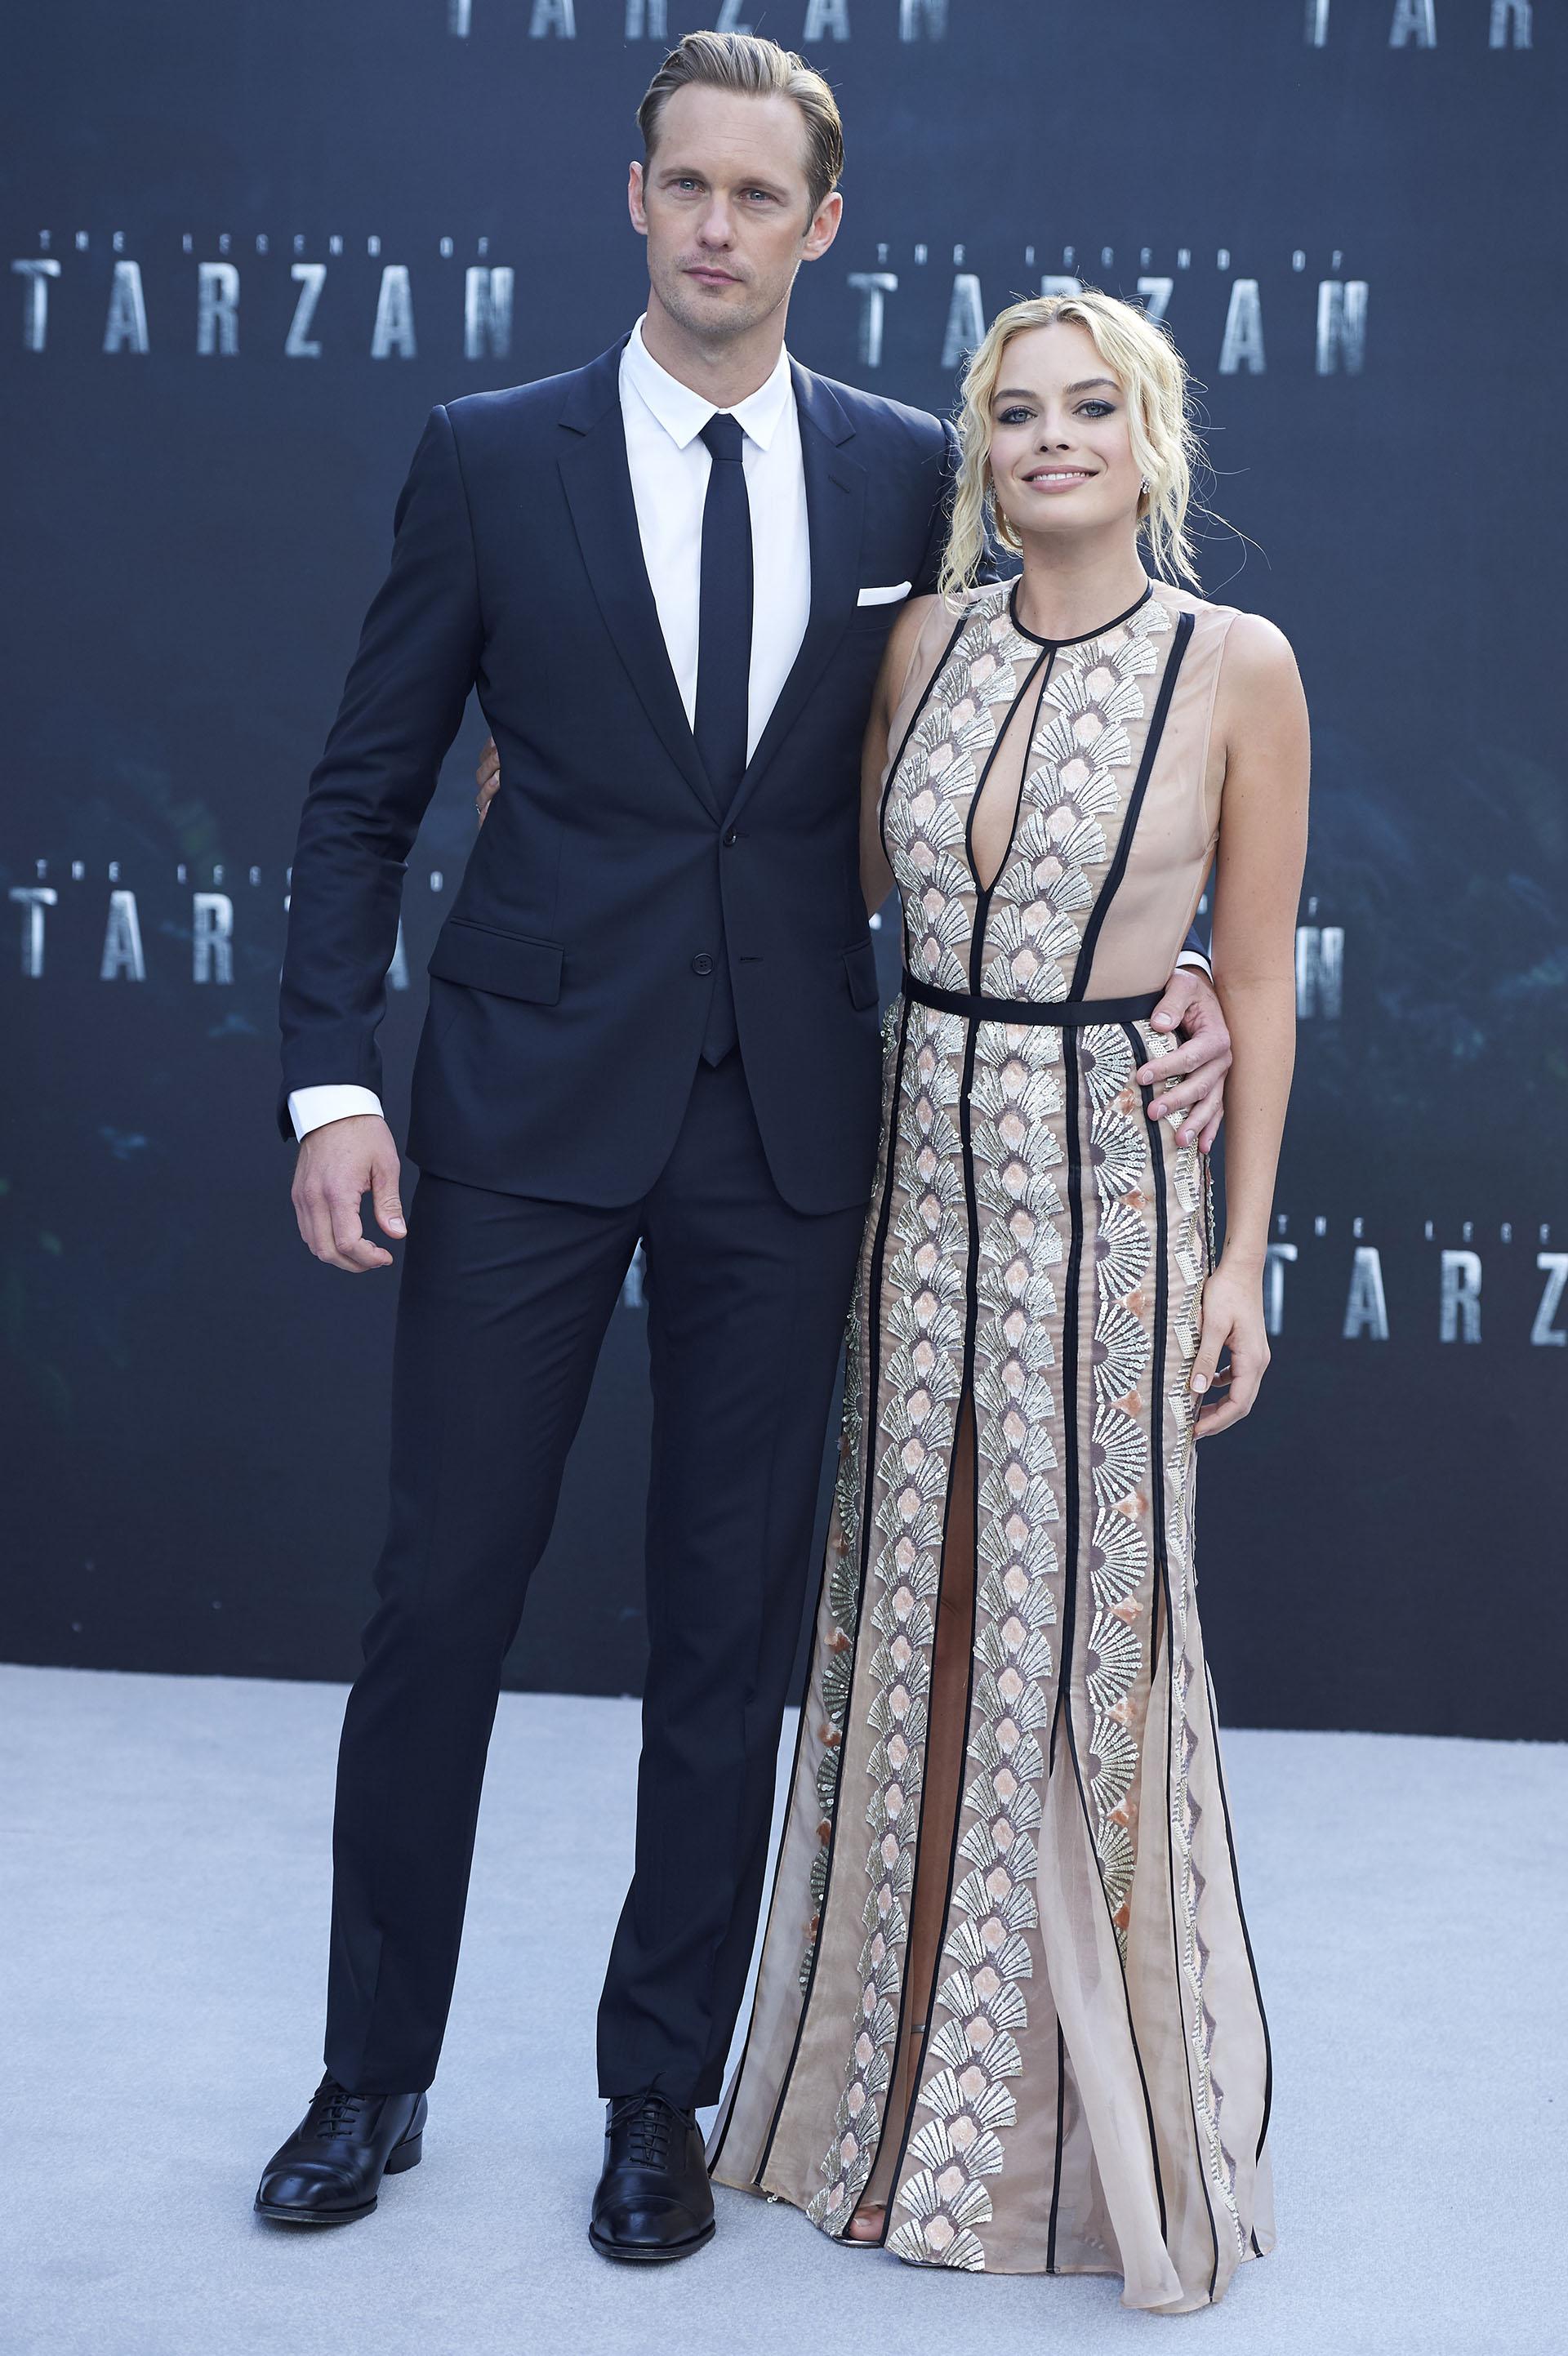 Margot Robbie junto a Alexander Skarsgård, el actor sueco que interpreta a Tarzán